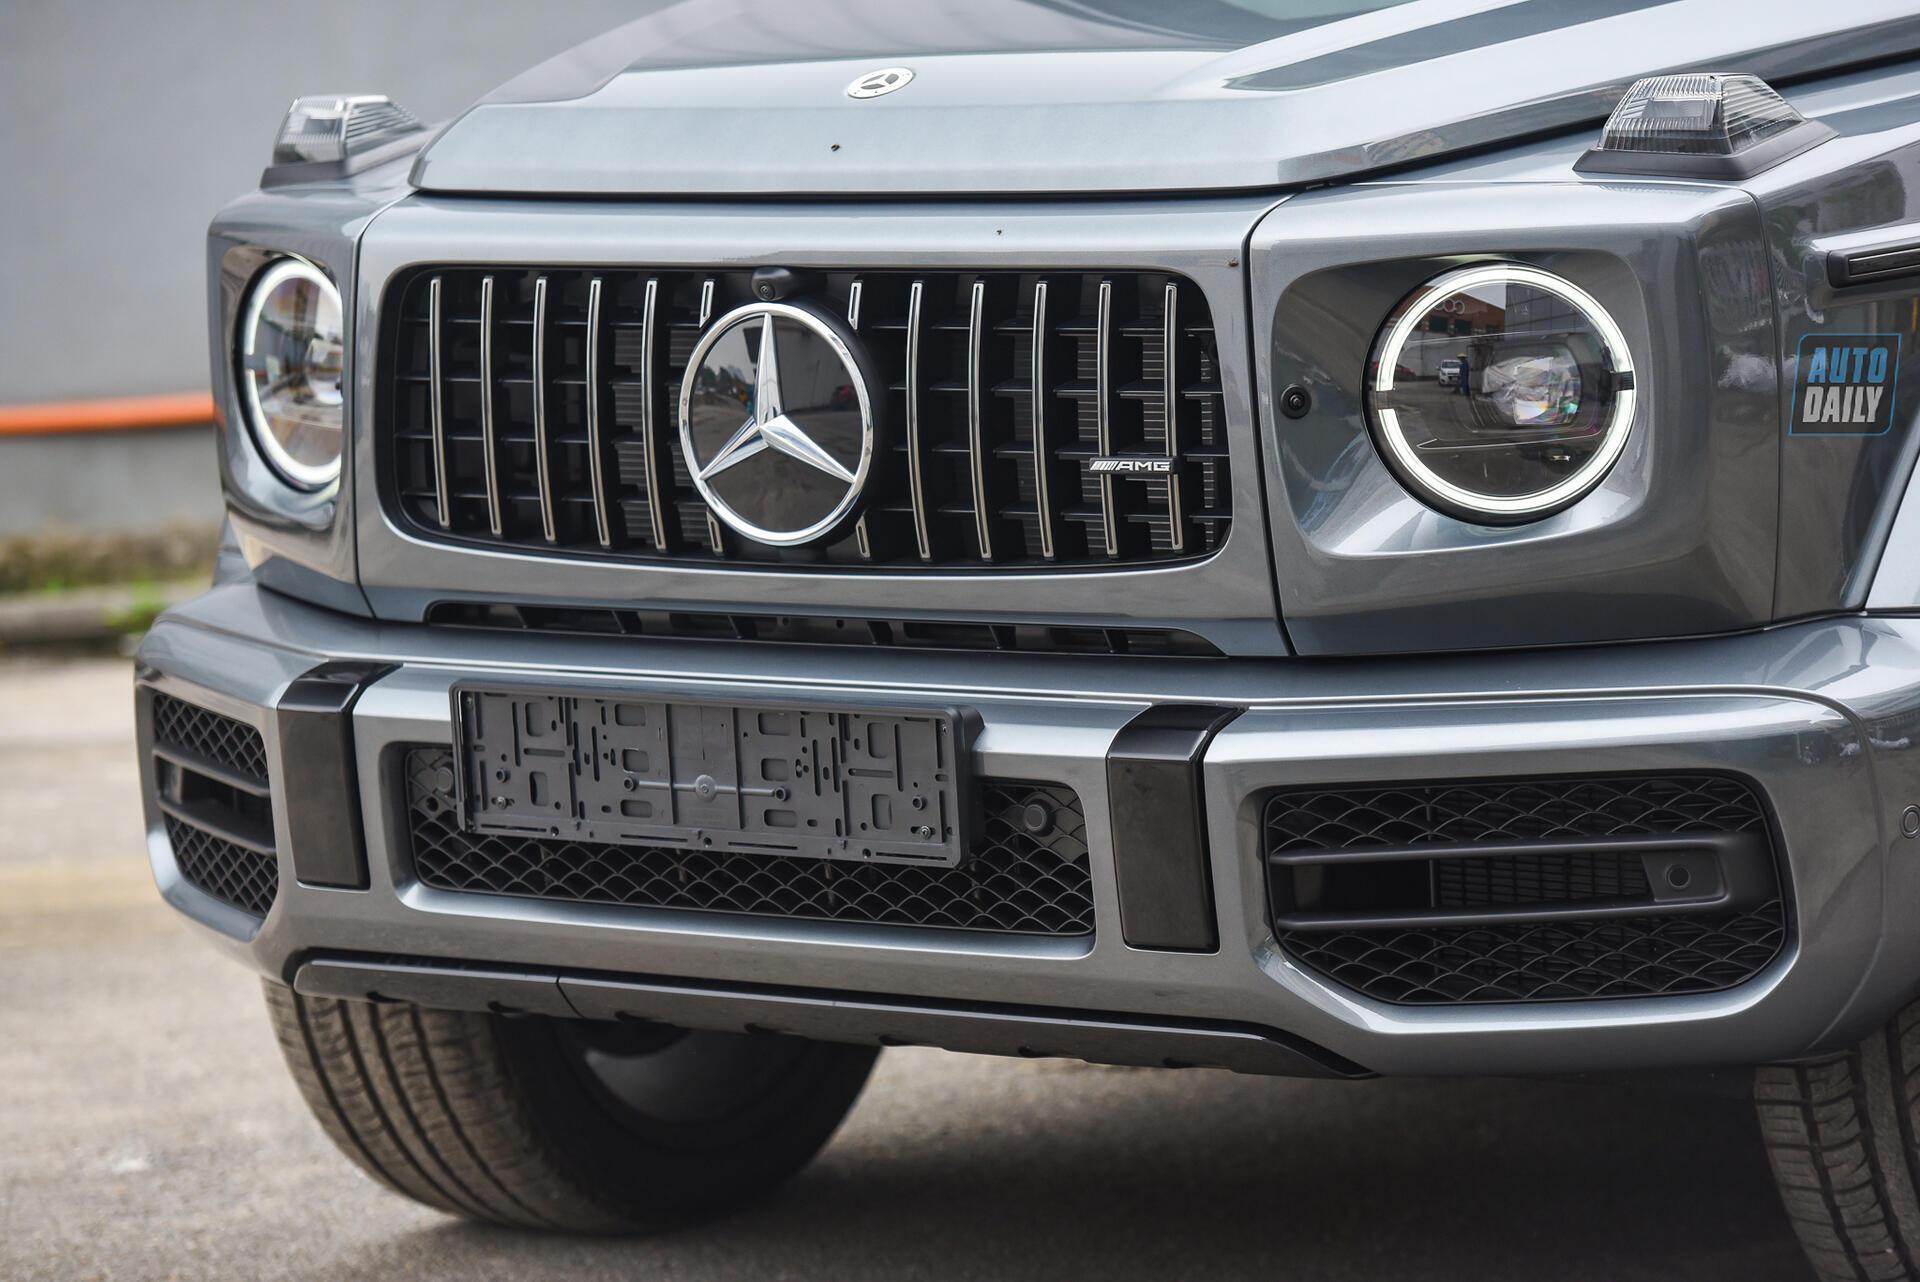 Ảnh chi tiết Mercedes G63 AMG 2021 bản cá nhân hoá giá khoảng 12 tỷ [5]